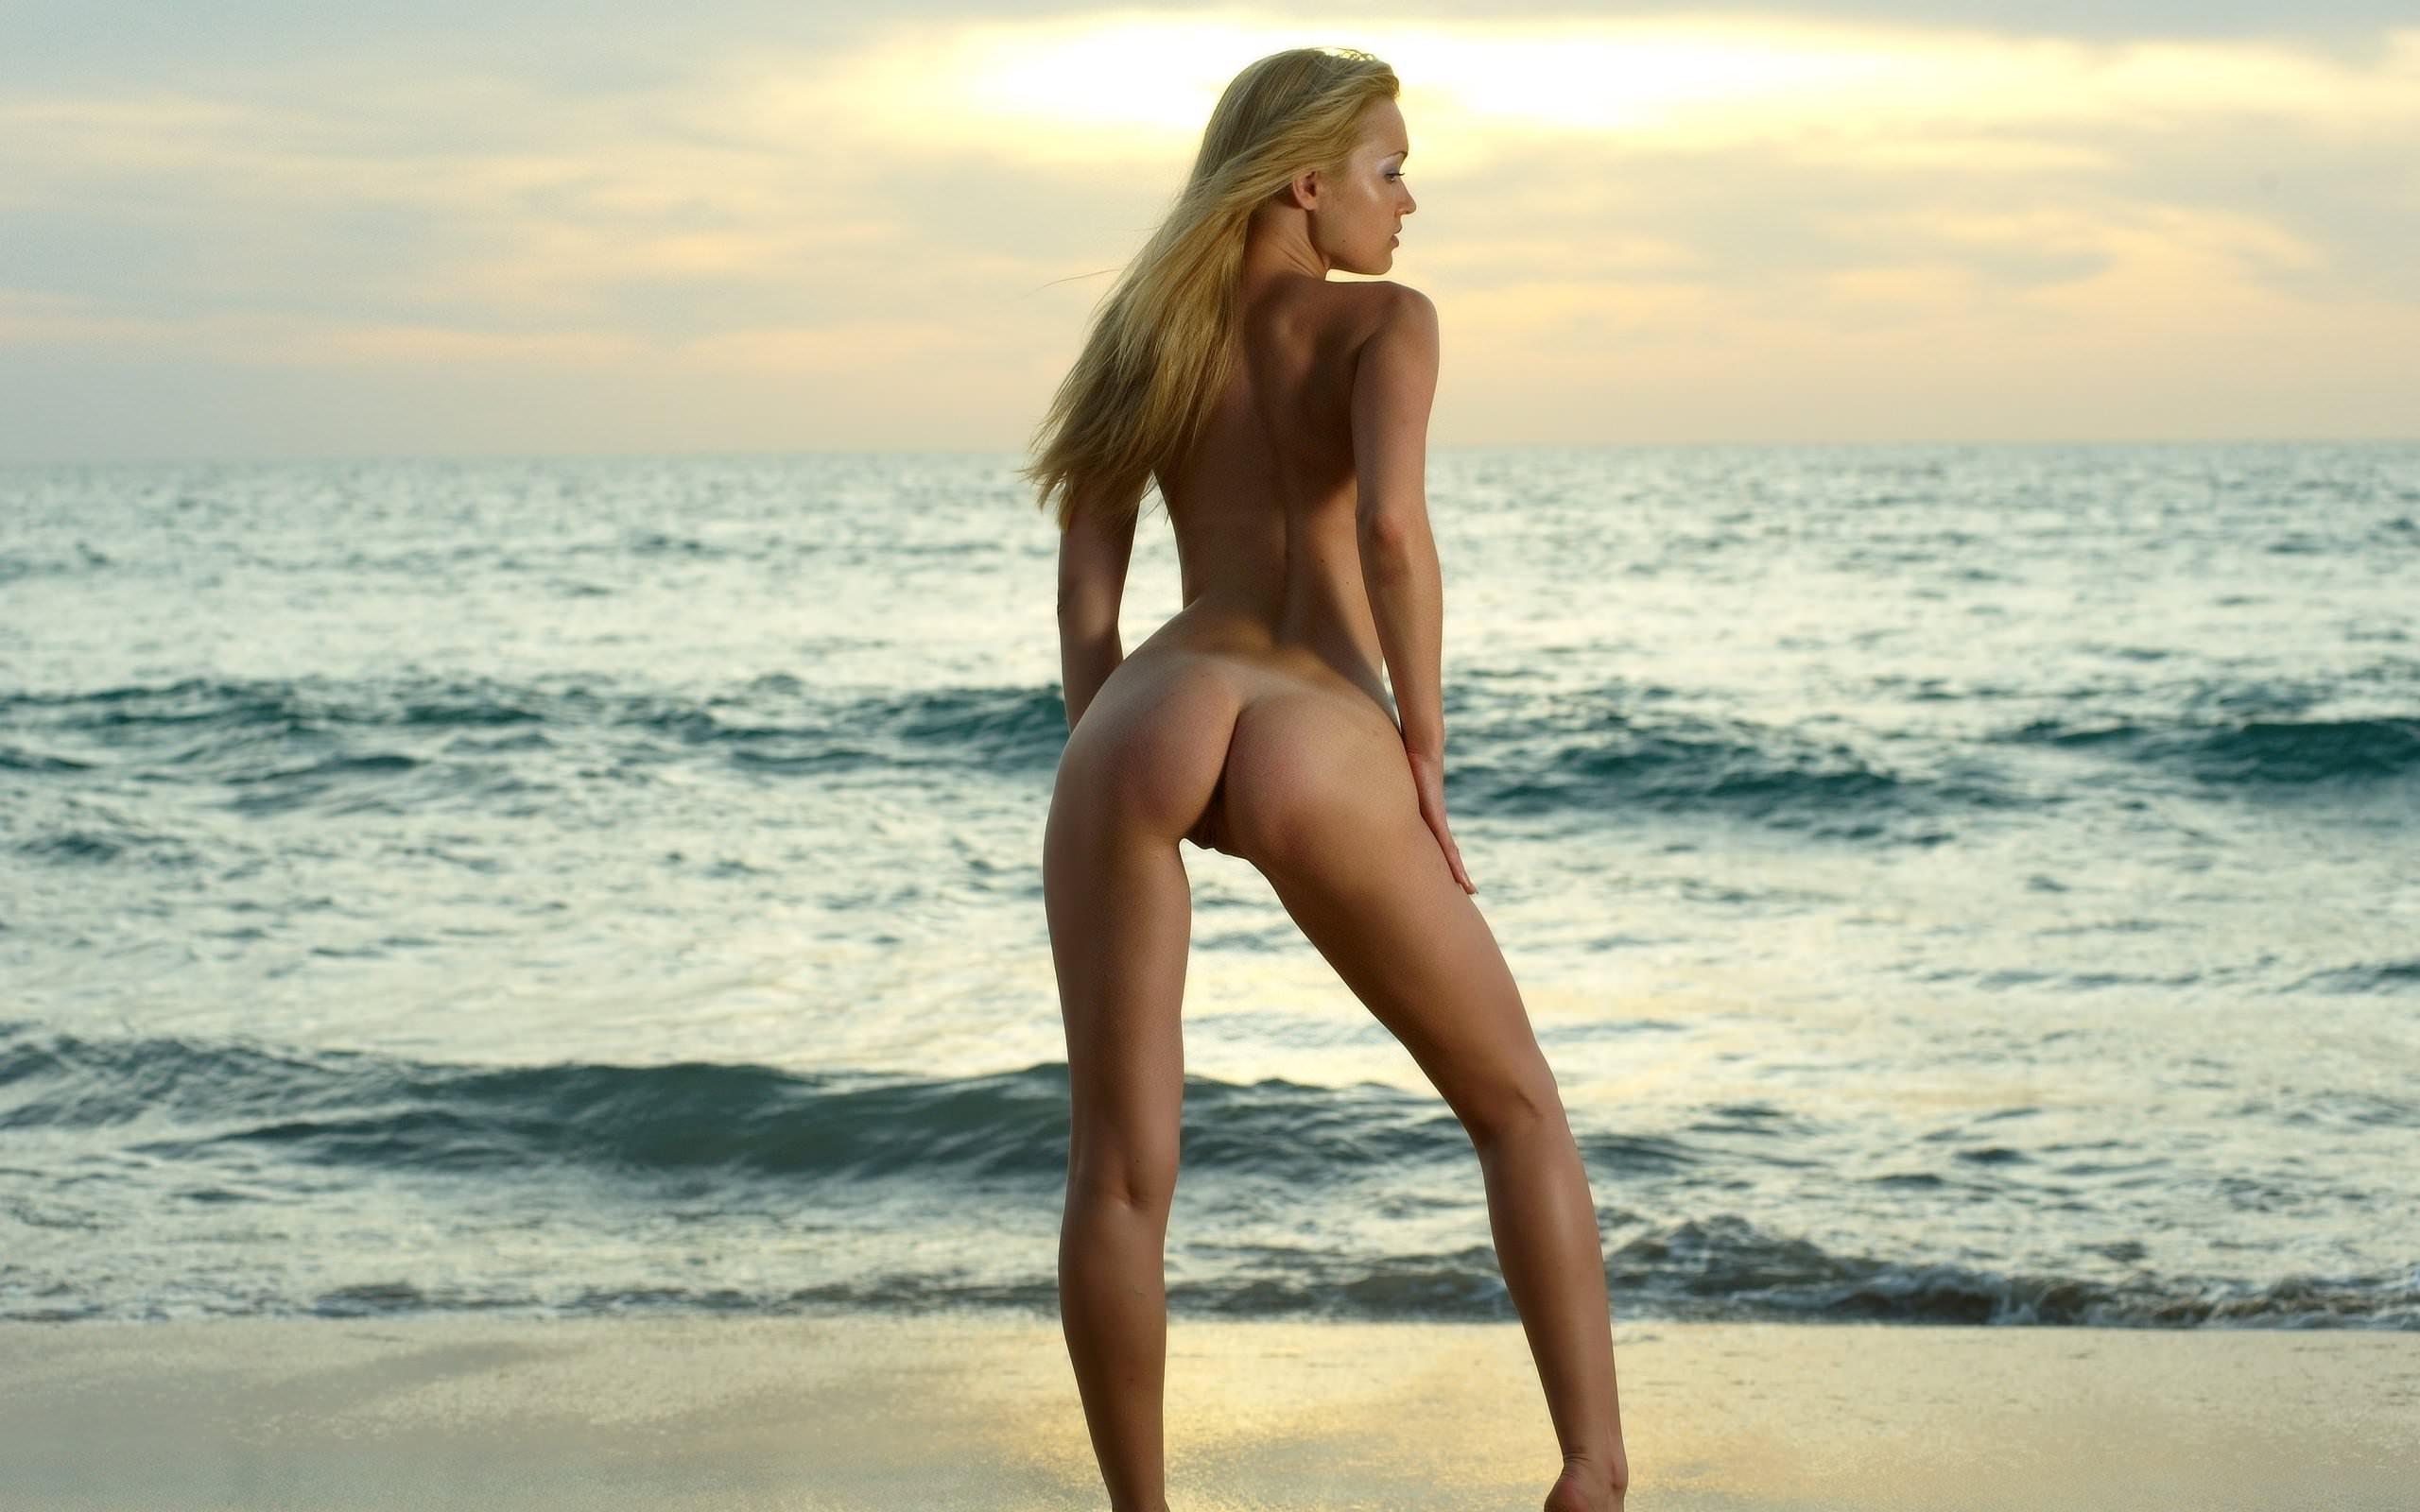 Фото Голая девушка эротично стоит на фоне бескрайнего моря, закат, пляж, атлетичные ножки, упругая попка. Naked blonde, dawn, beach, sea, long legs, elastic ass, back, скачать картинку бесплатно